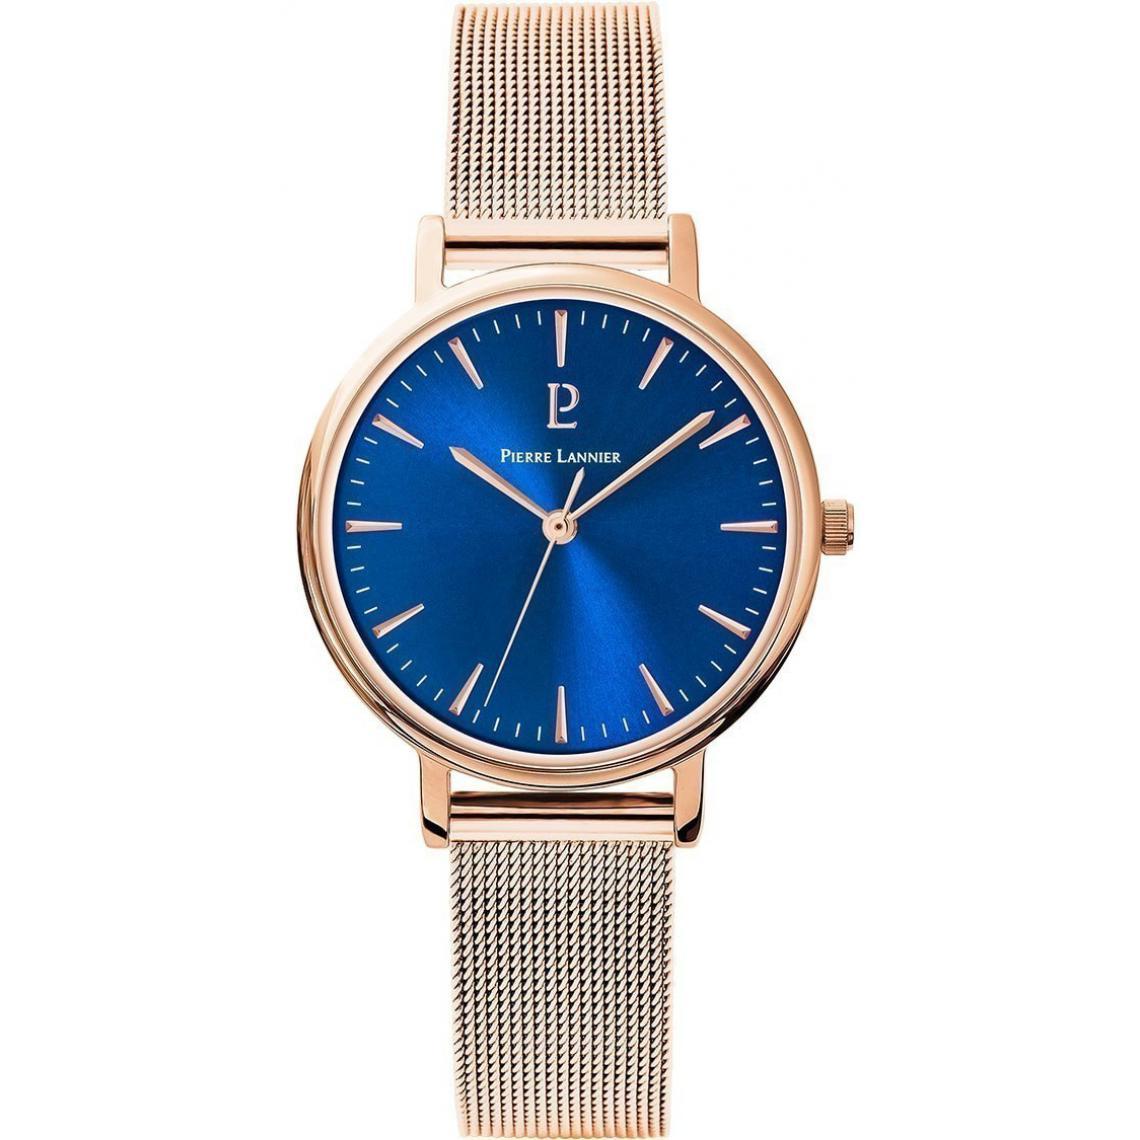 Montre 091L968 - Montre Bracelet Bracelet Acier Or Rose Montres - Pierre Lannier - Modalova